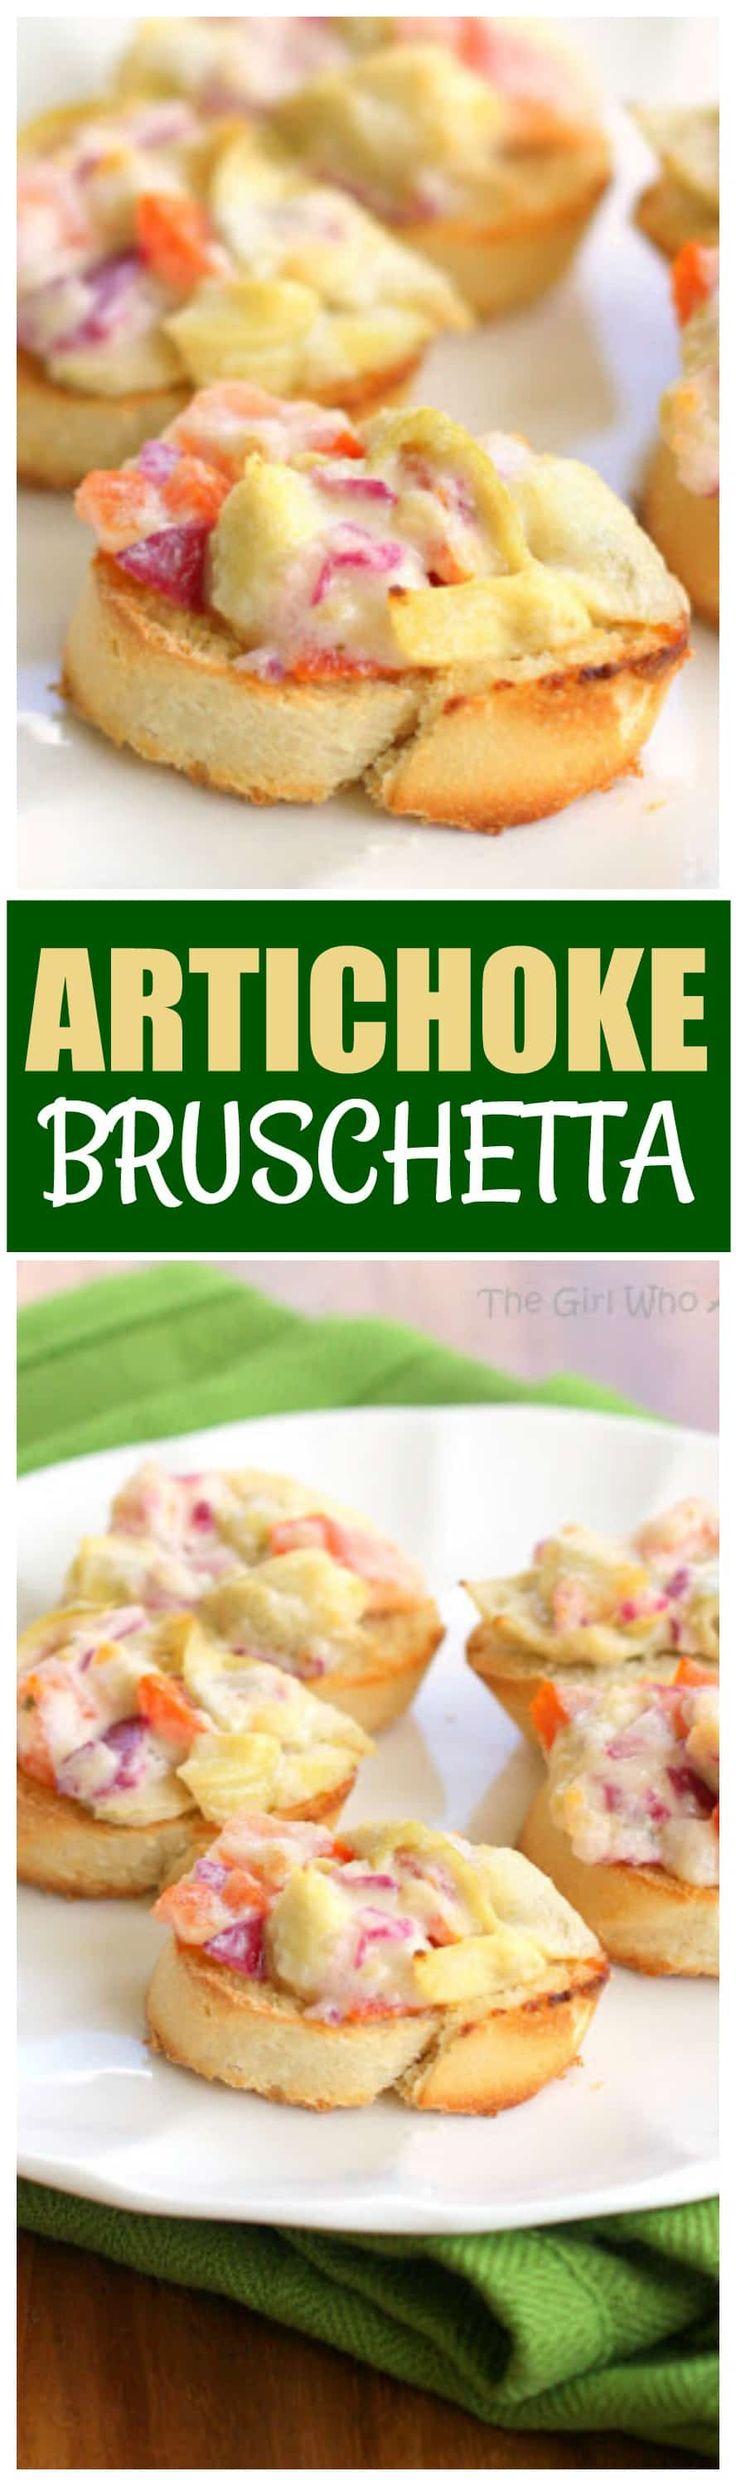 This Artichoke Bruschetta is a crowd pleasing appetizer!